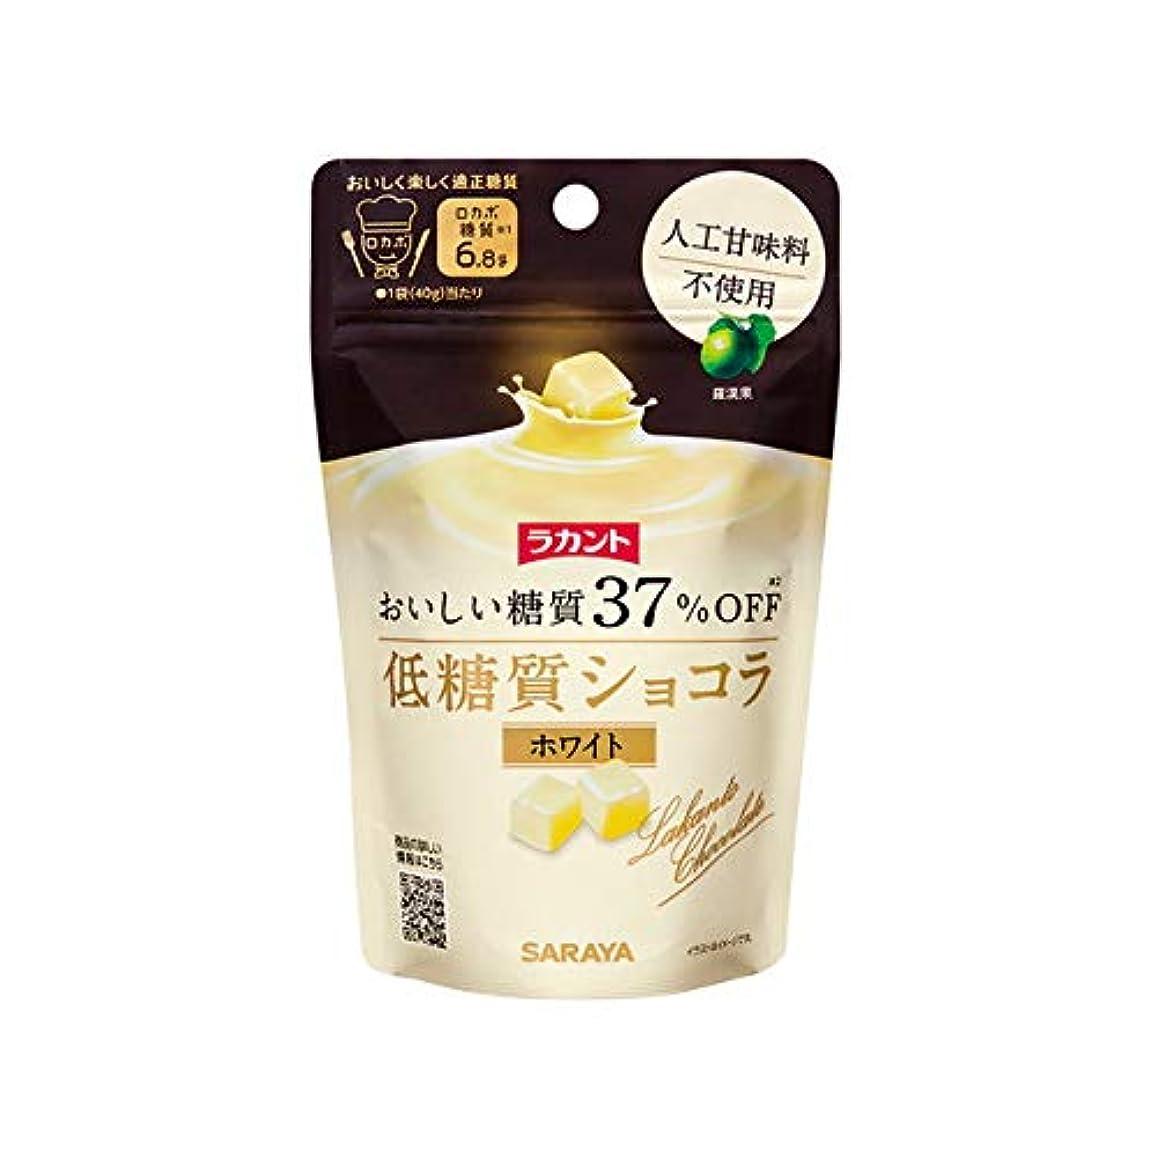 相手コントラスト相手サラヤ ラカント ショコラホワイト 40g【5個セット】